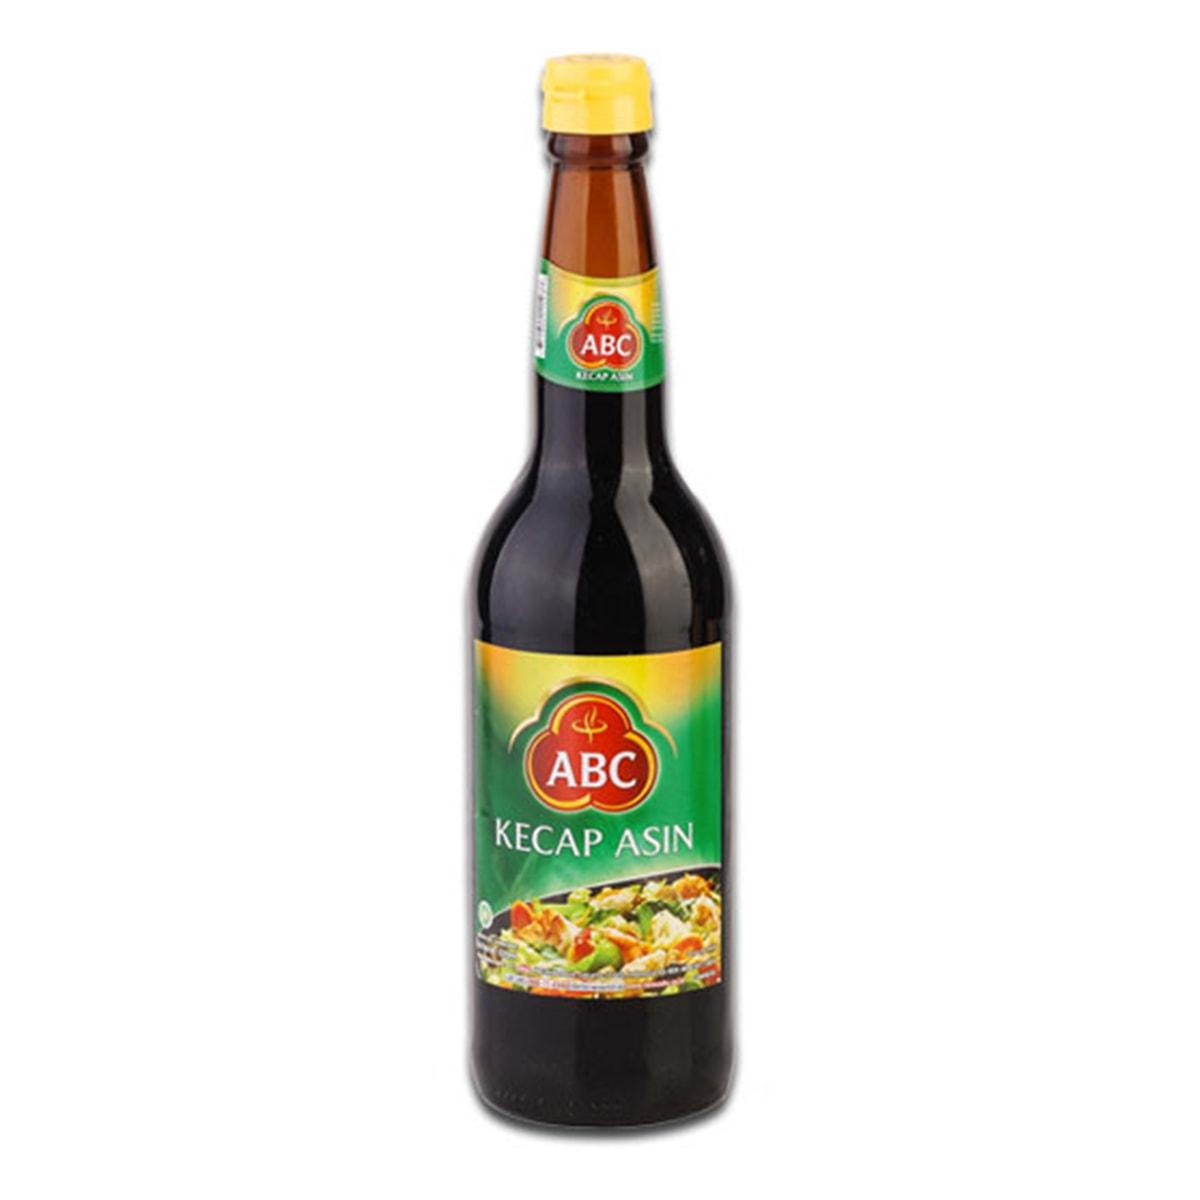 Buy ABC Kecap Asin (Indonesian Salty Soya Sauce) - 620 ml